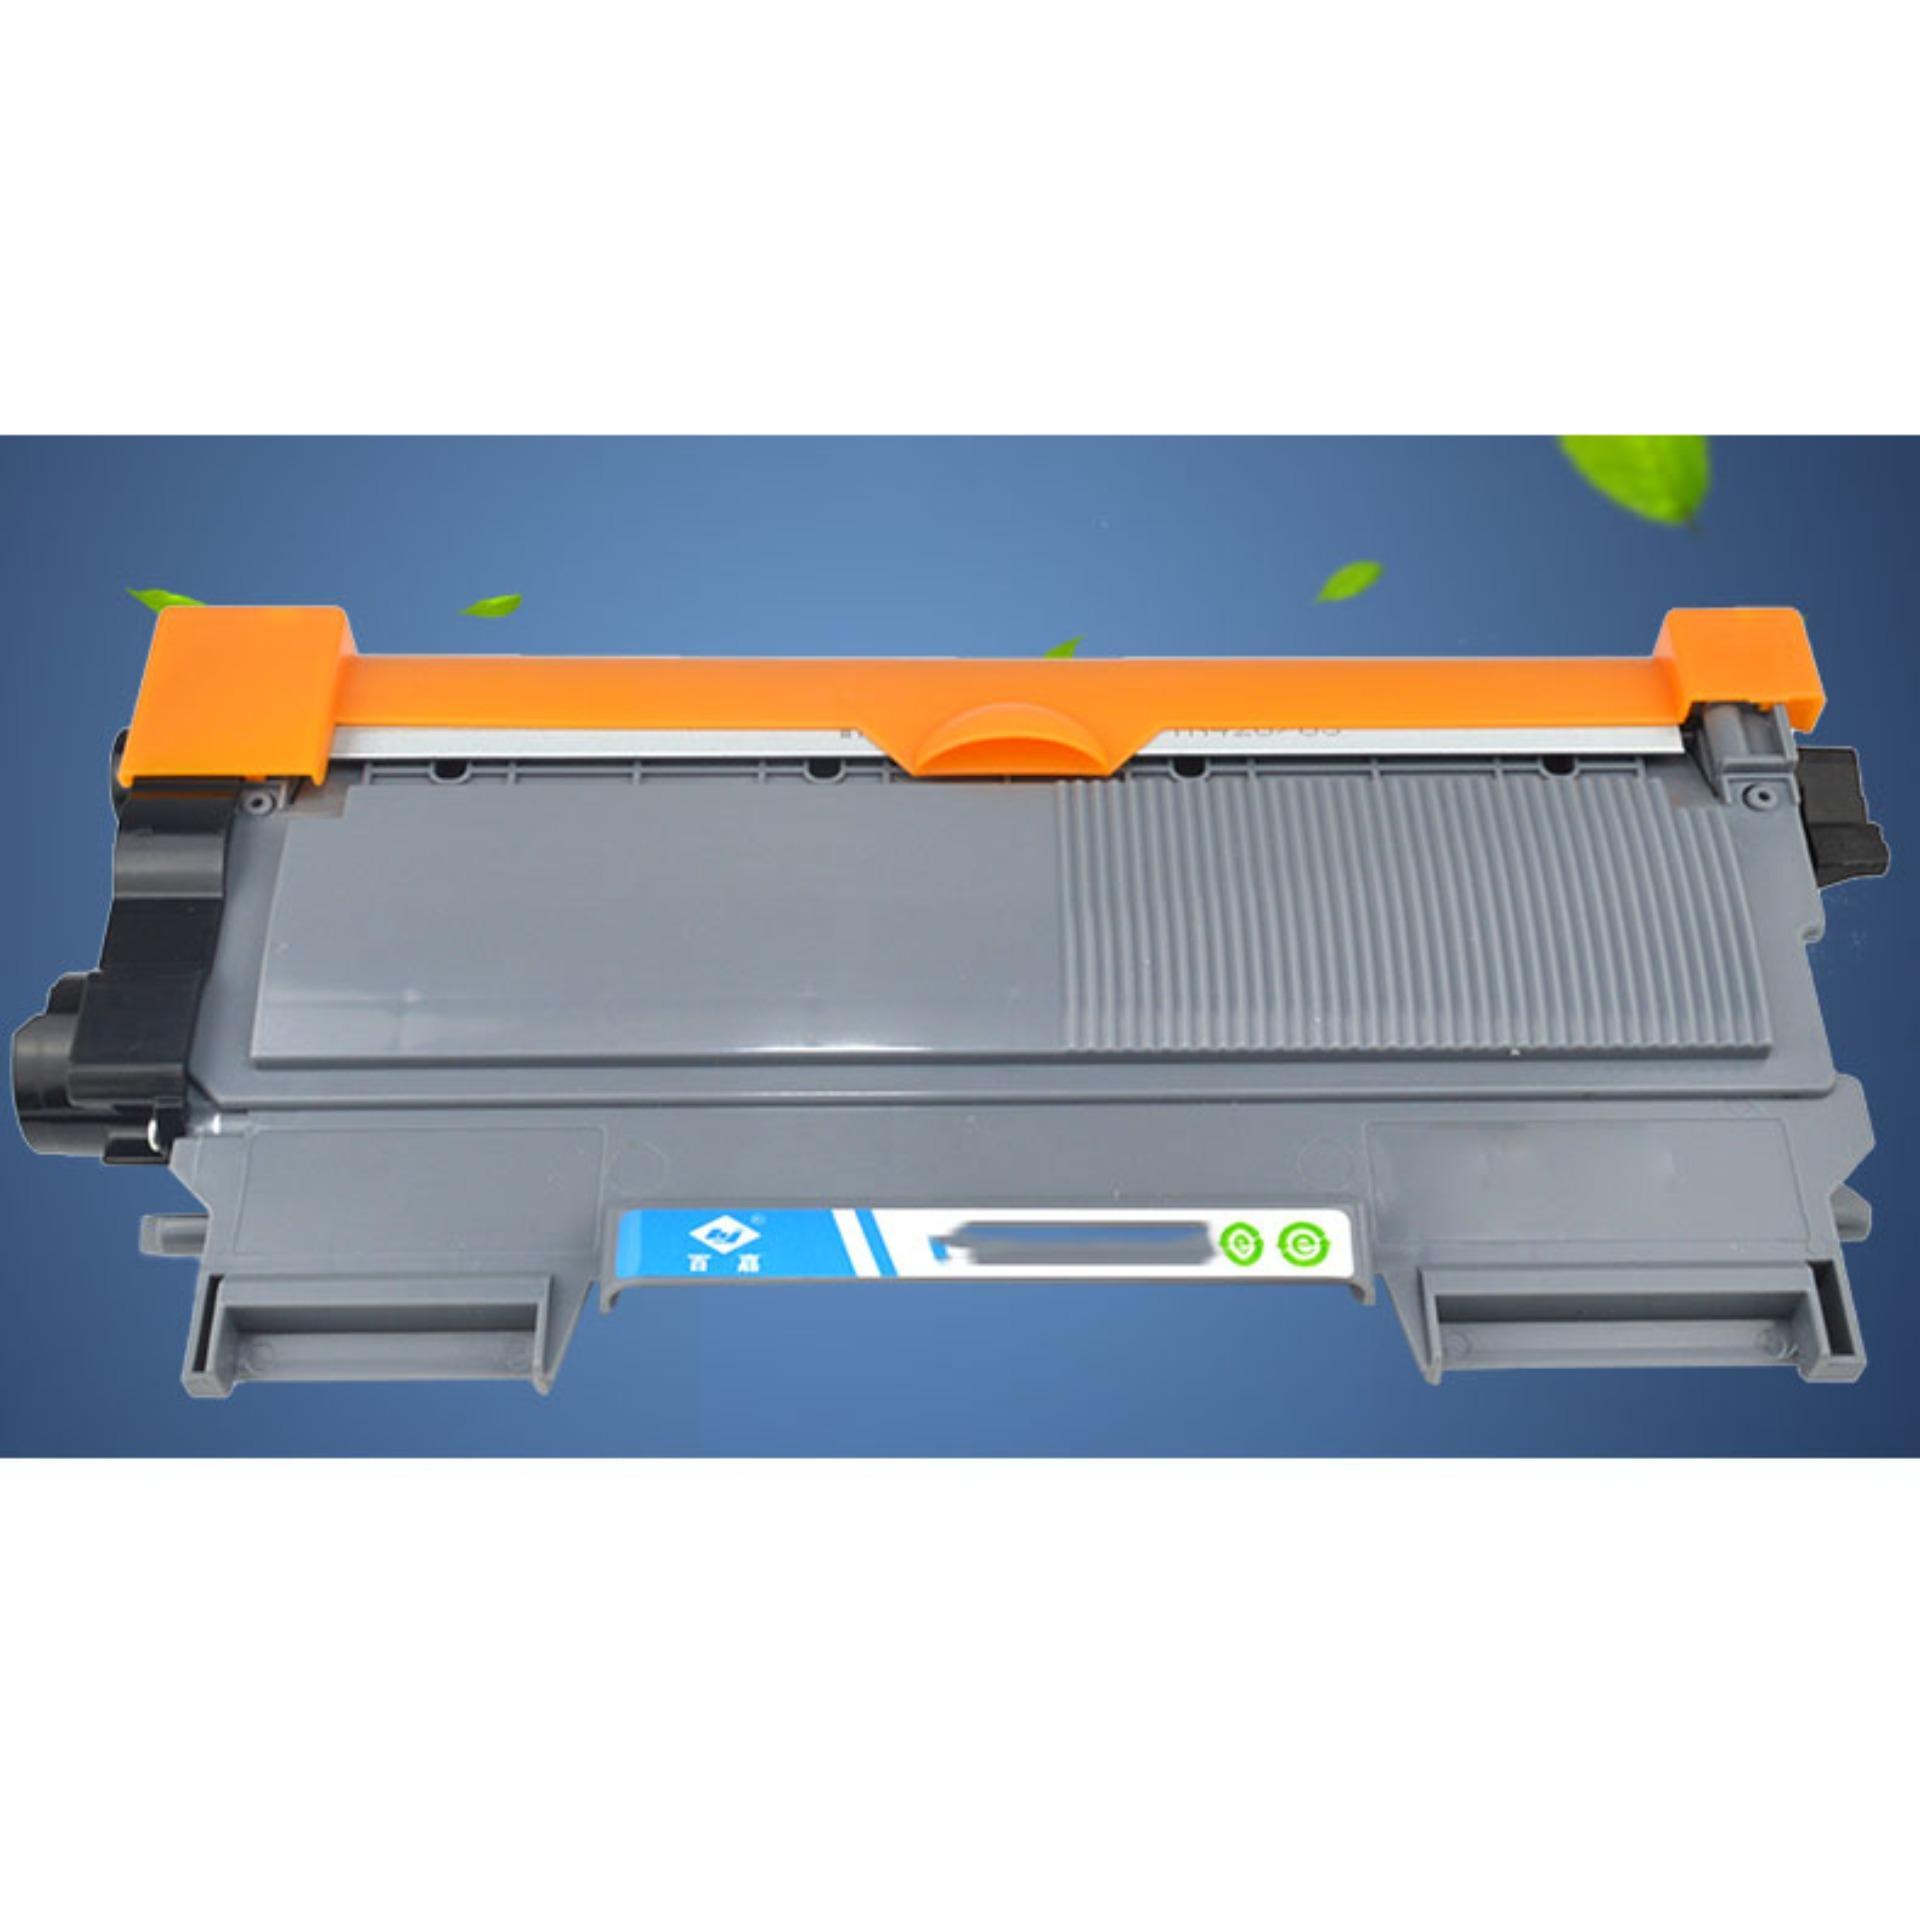 Giá Hộp mực máy in Brother 2321D, 2361Dn, 2366DW, 2701D, 1701DW hàng tốt, giá rẻ, chất lượng cao.